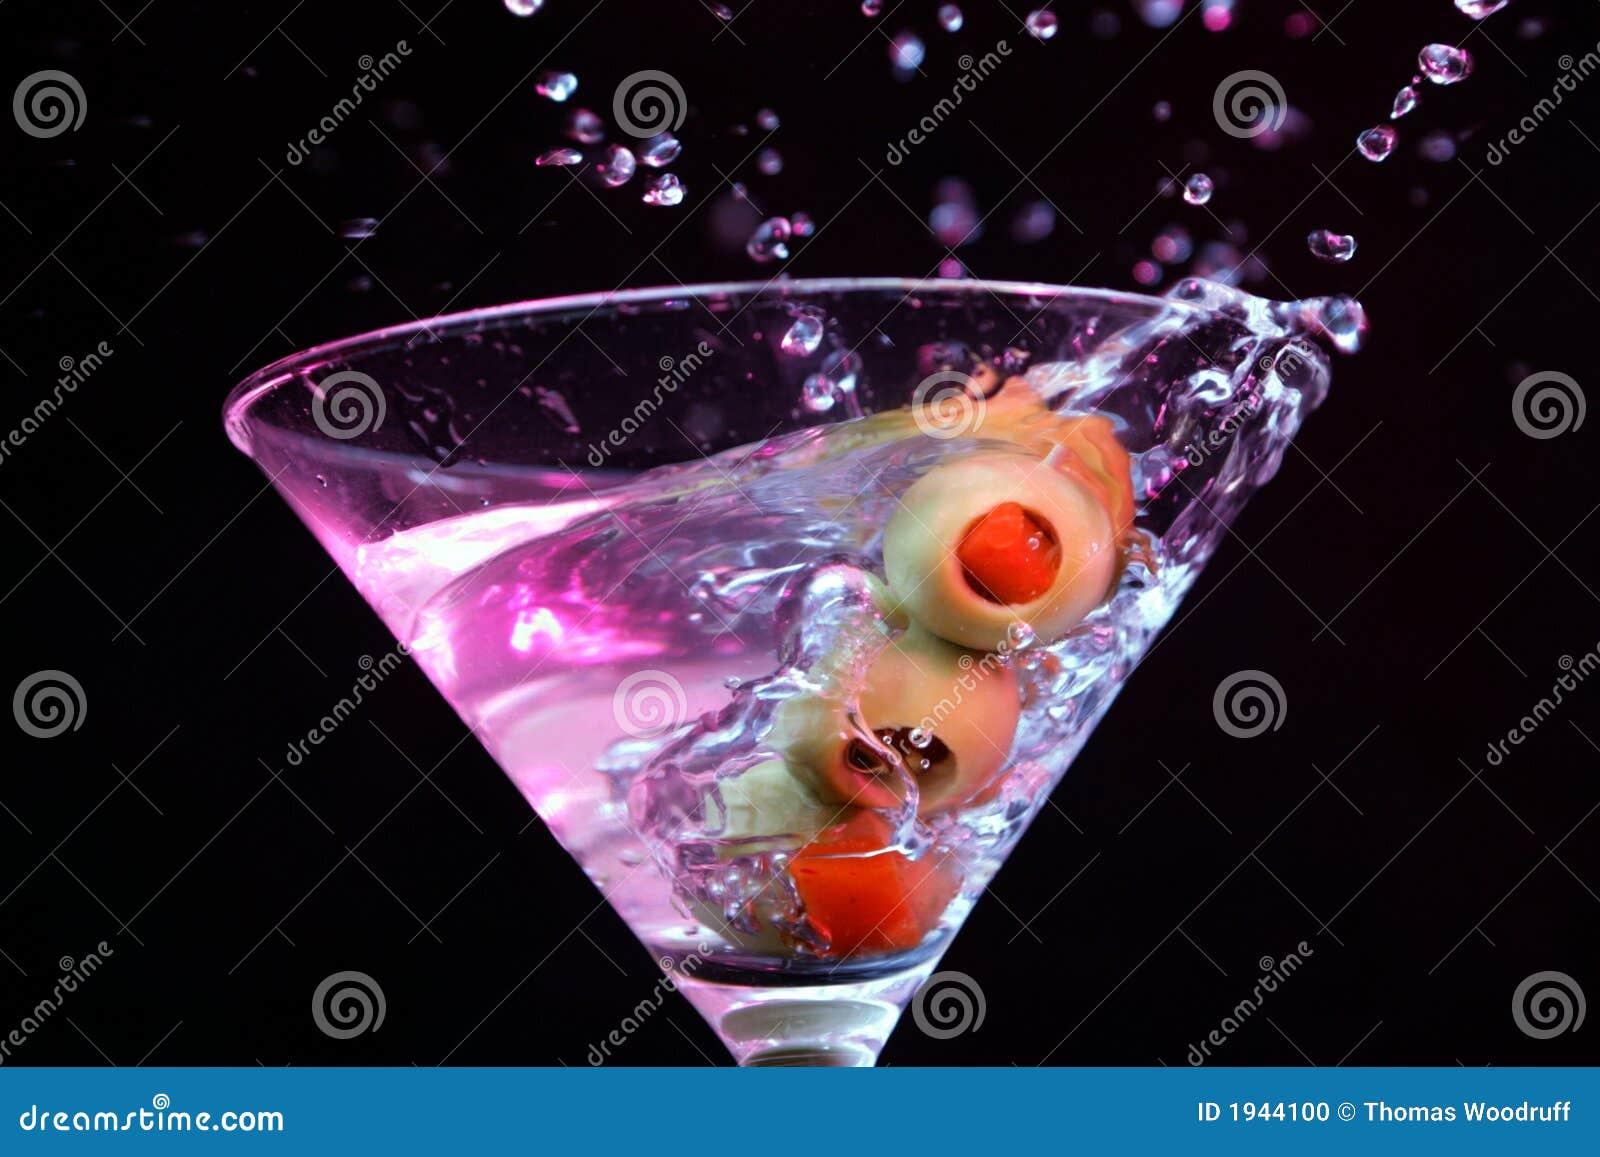 25 martini